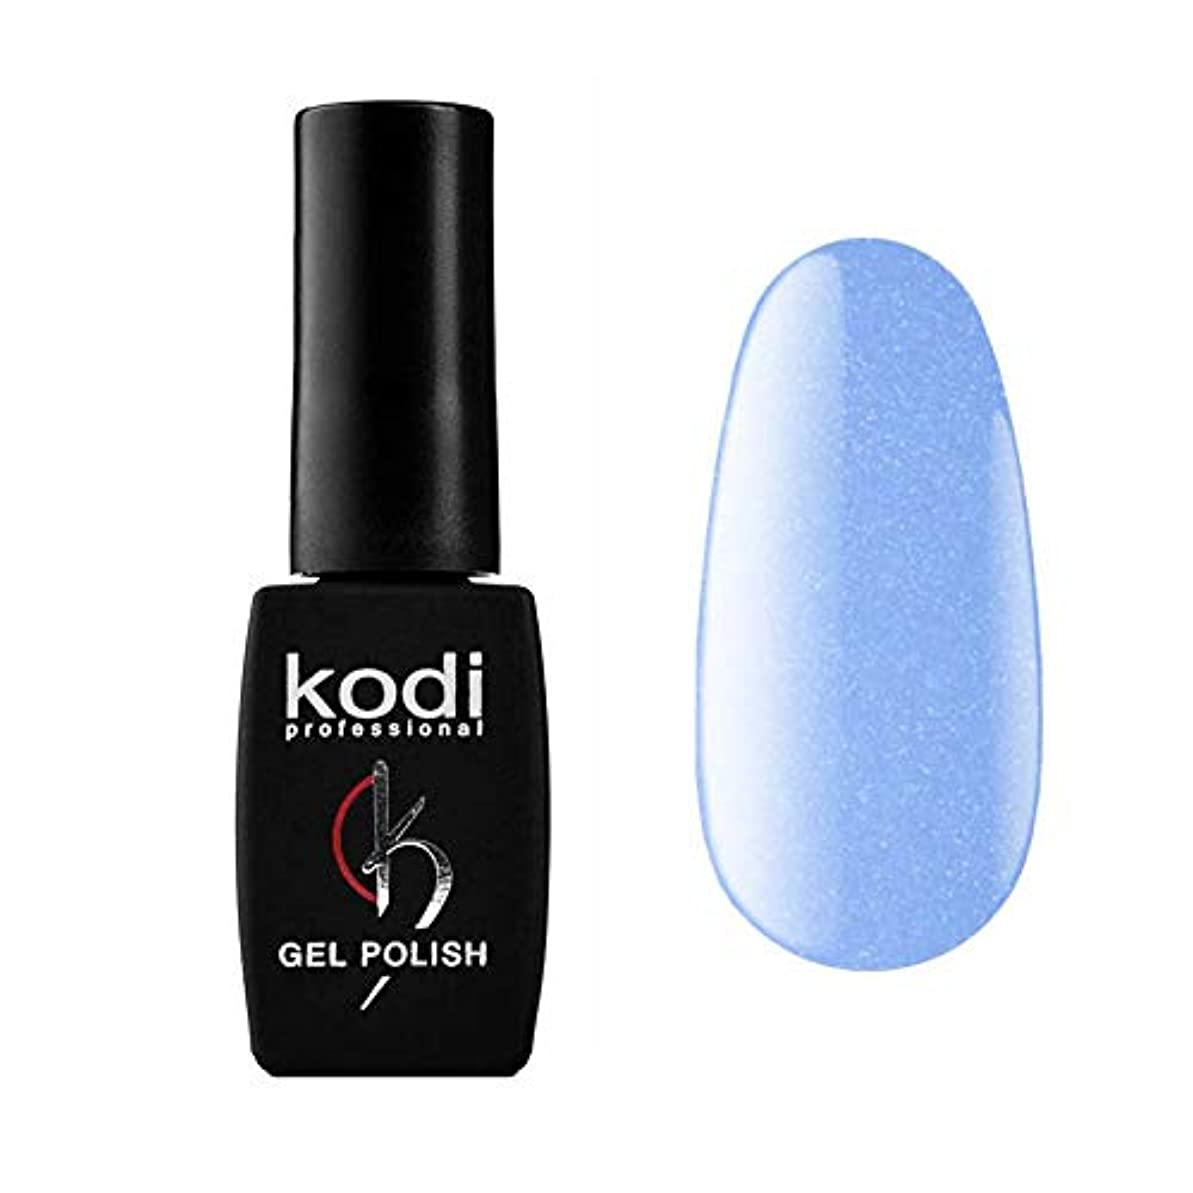 フレキシブル罪悪感廊下Kodi Professional New Collection B BLUE #140 Color Gel Nail Polish 12ml 0.42 Fl Oz LED UV Genuine Soak Off